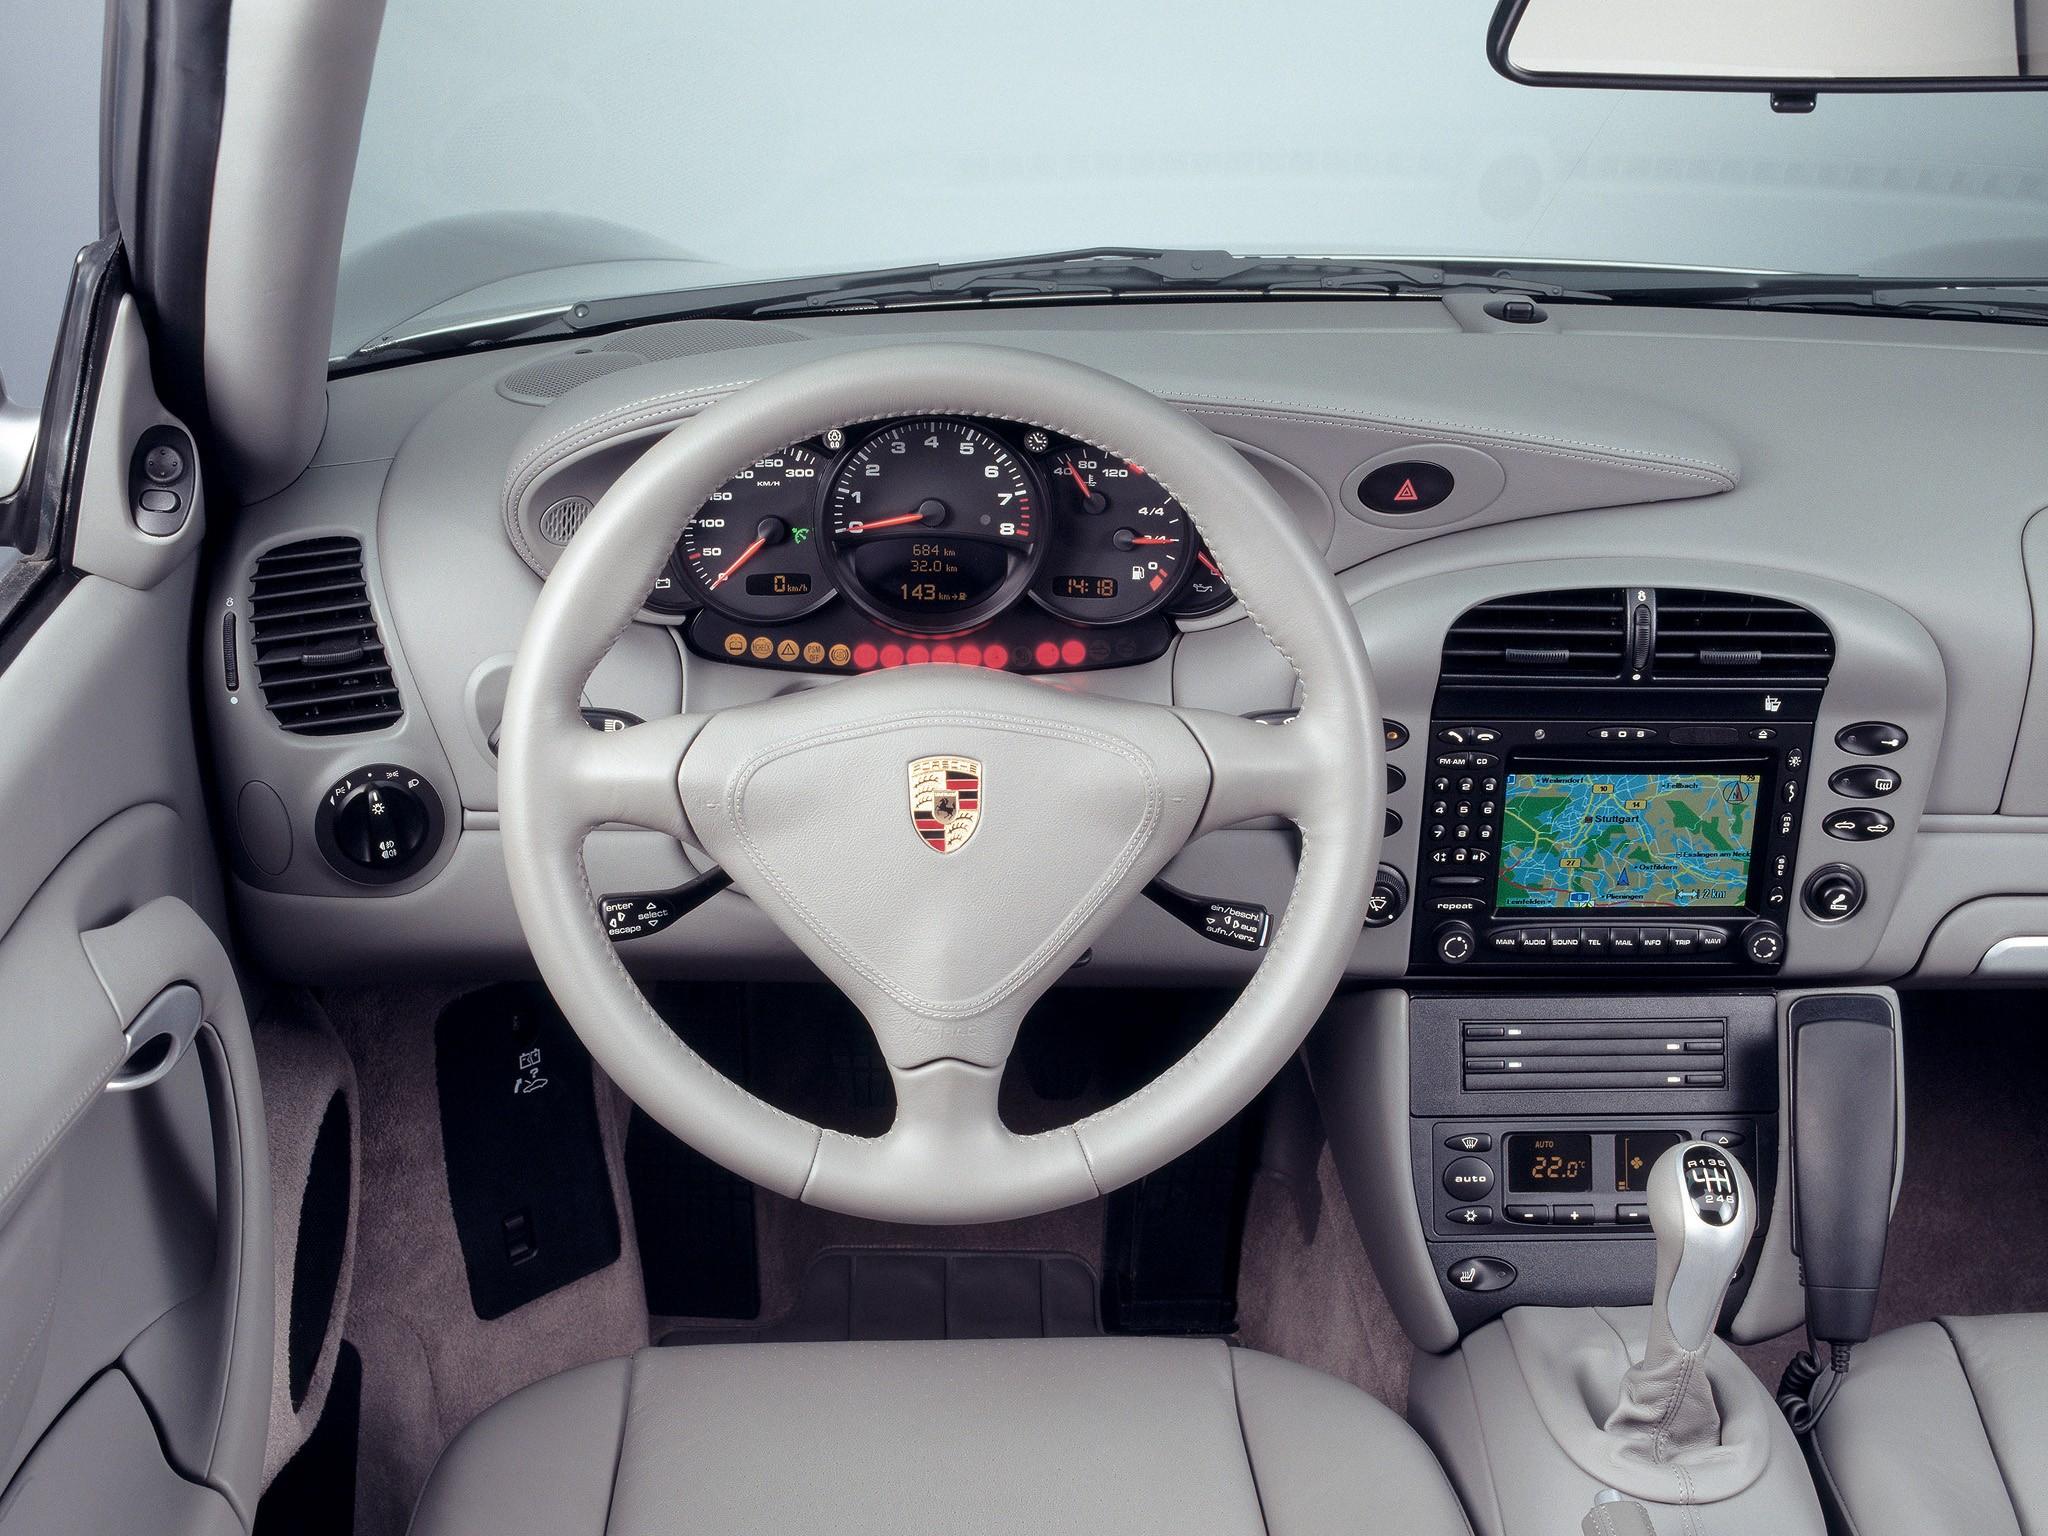 Image gallery 2003 porsche 911 interior for Porsche 996 interieur